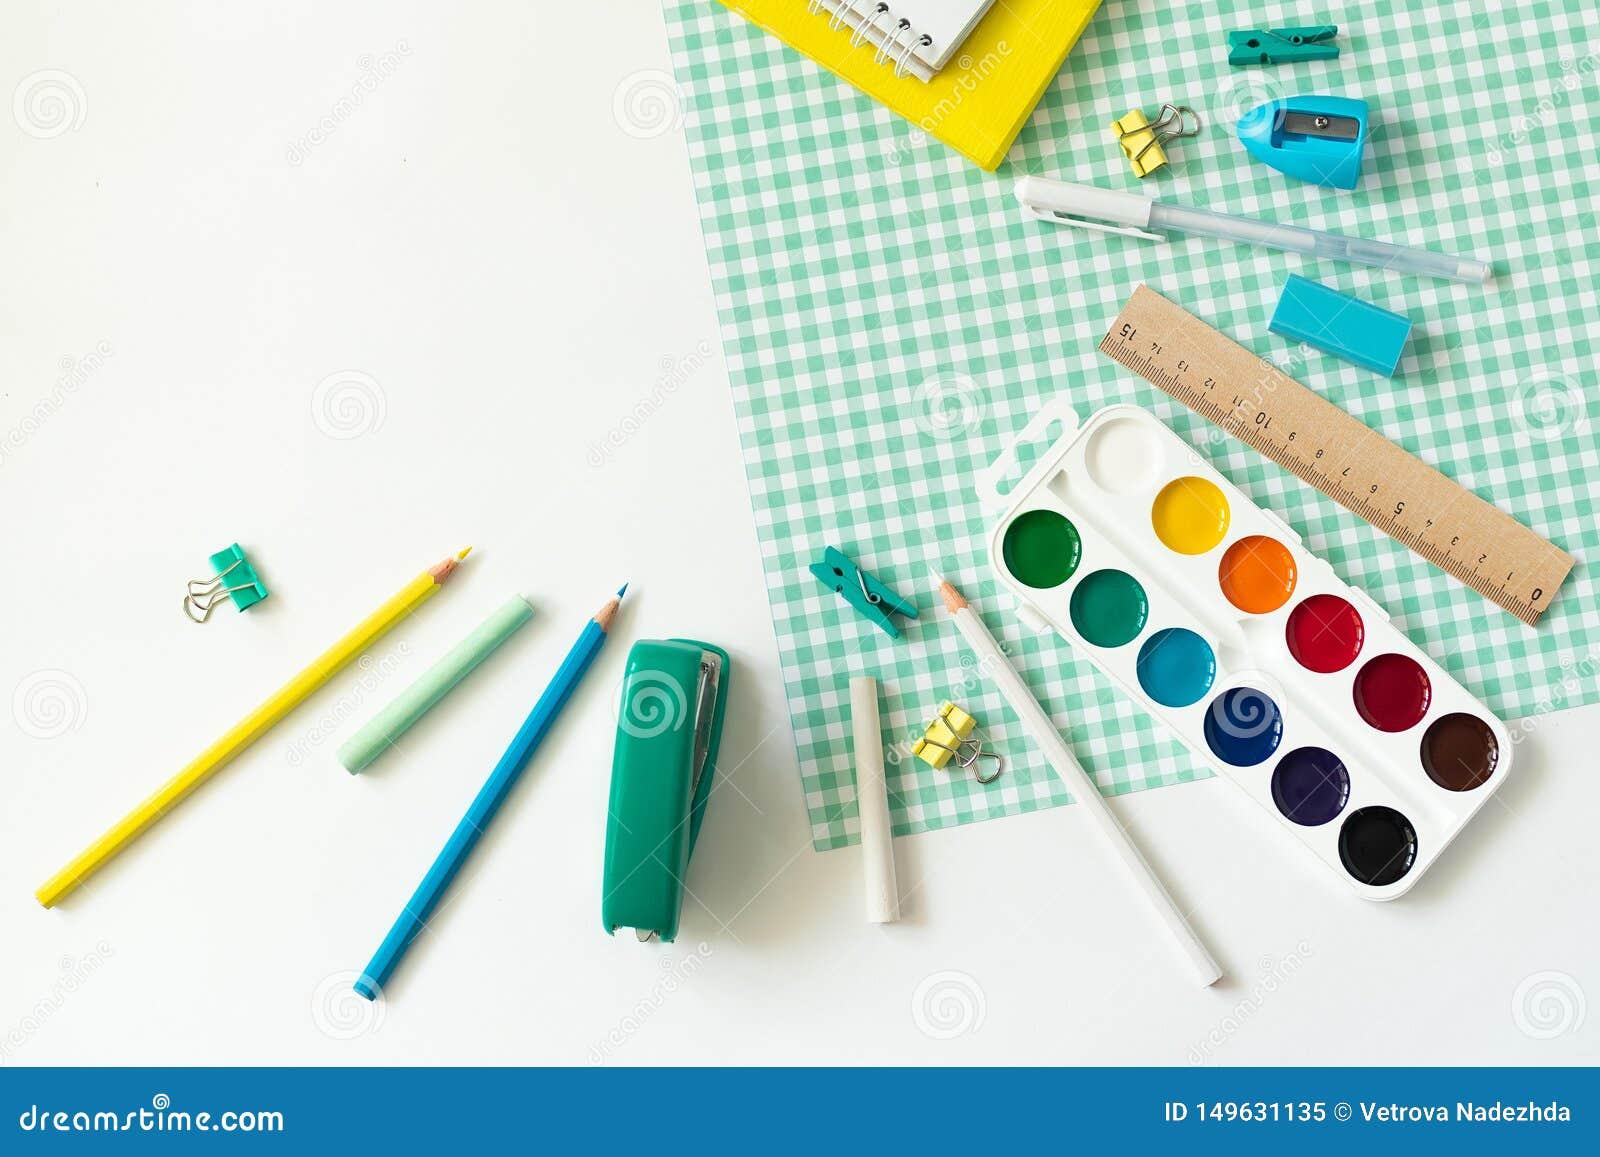 在白色和蓝色方格的背景的学校用品